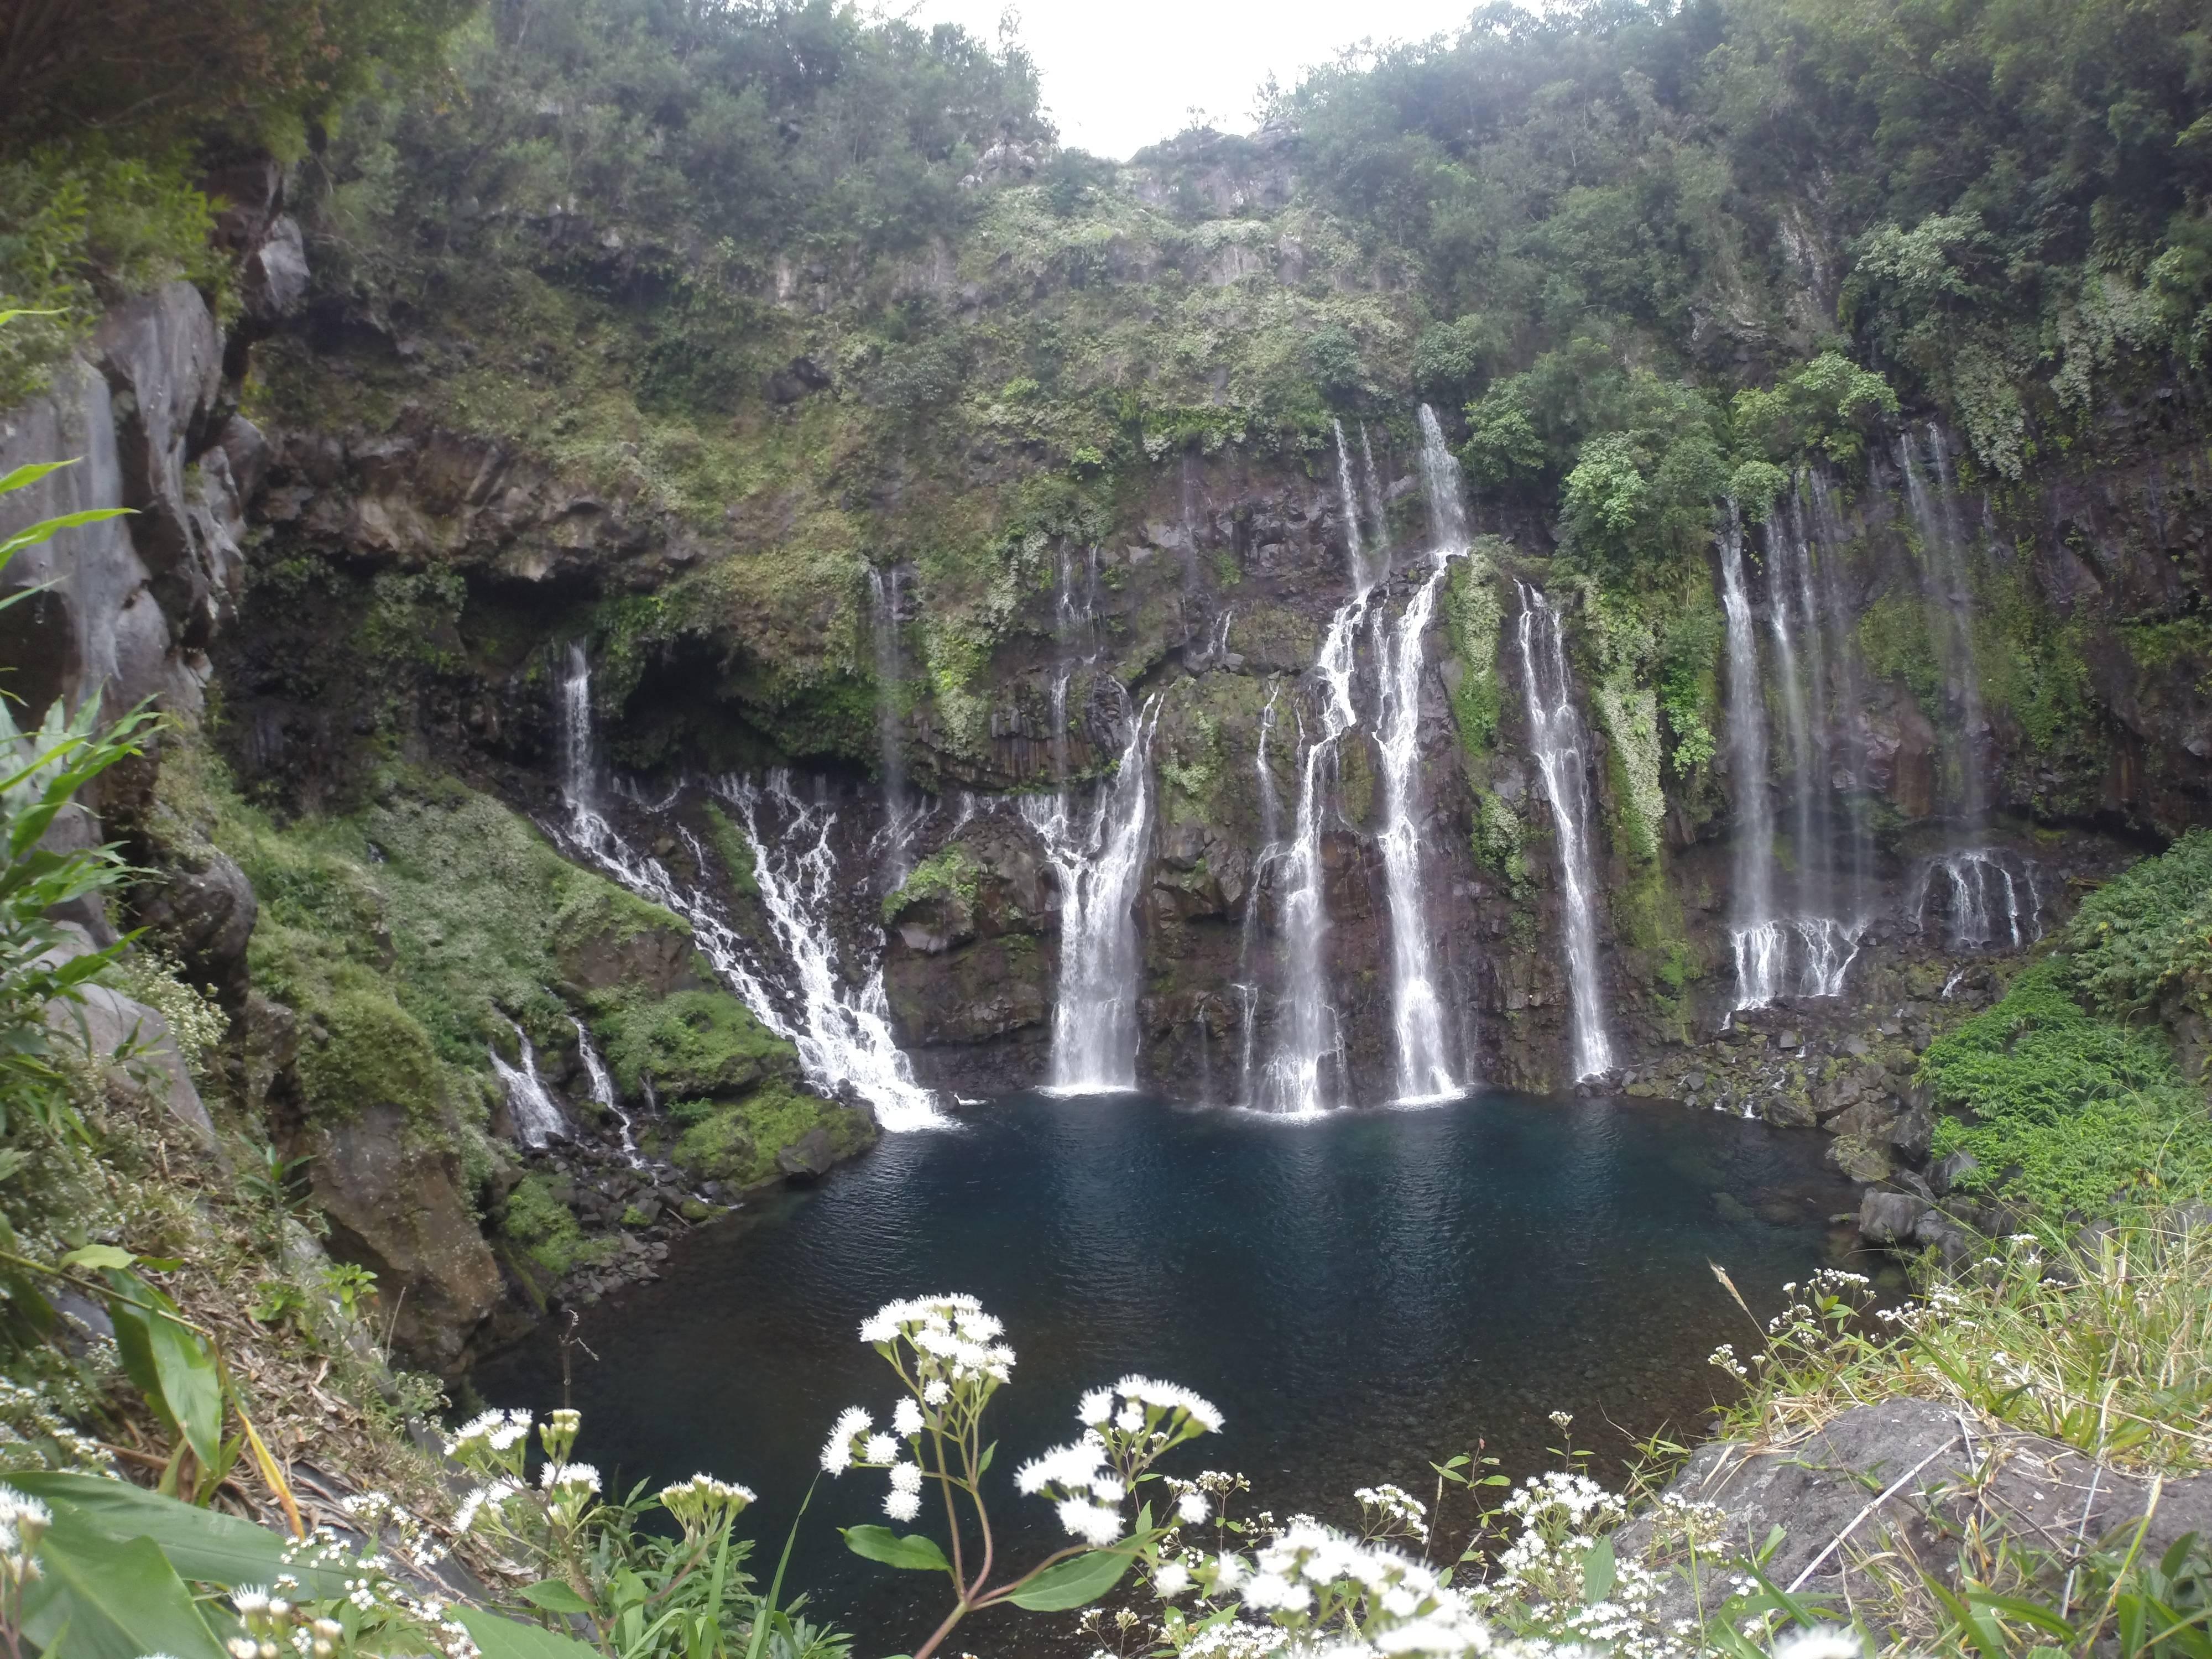 Photo 2: Se baigner dans une cascade !